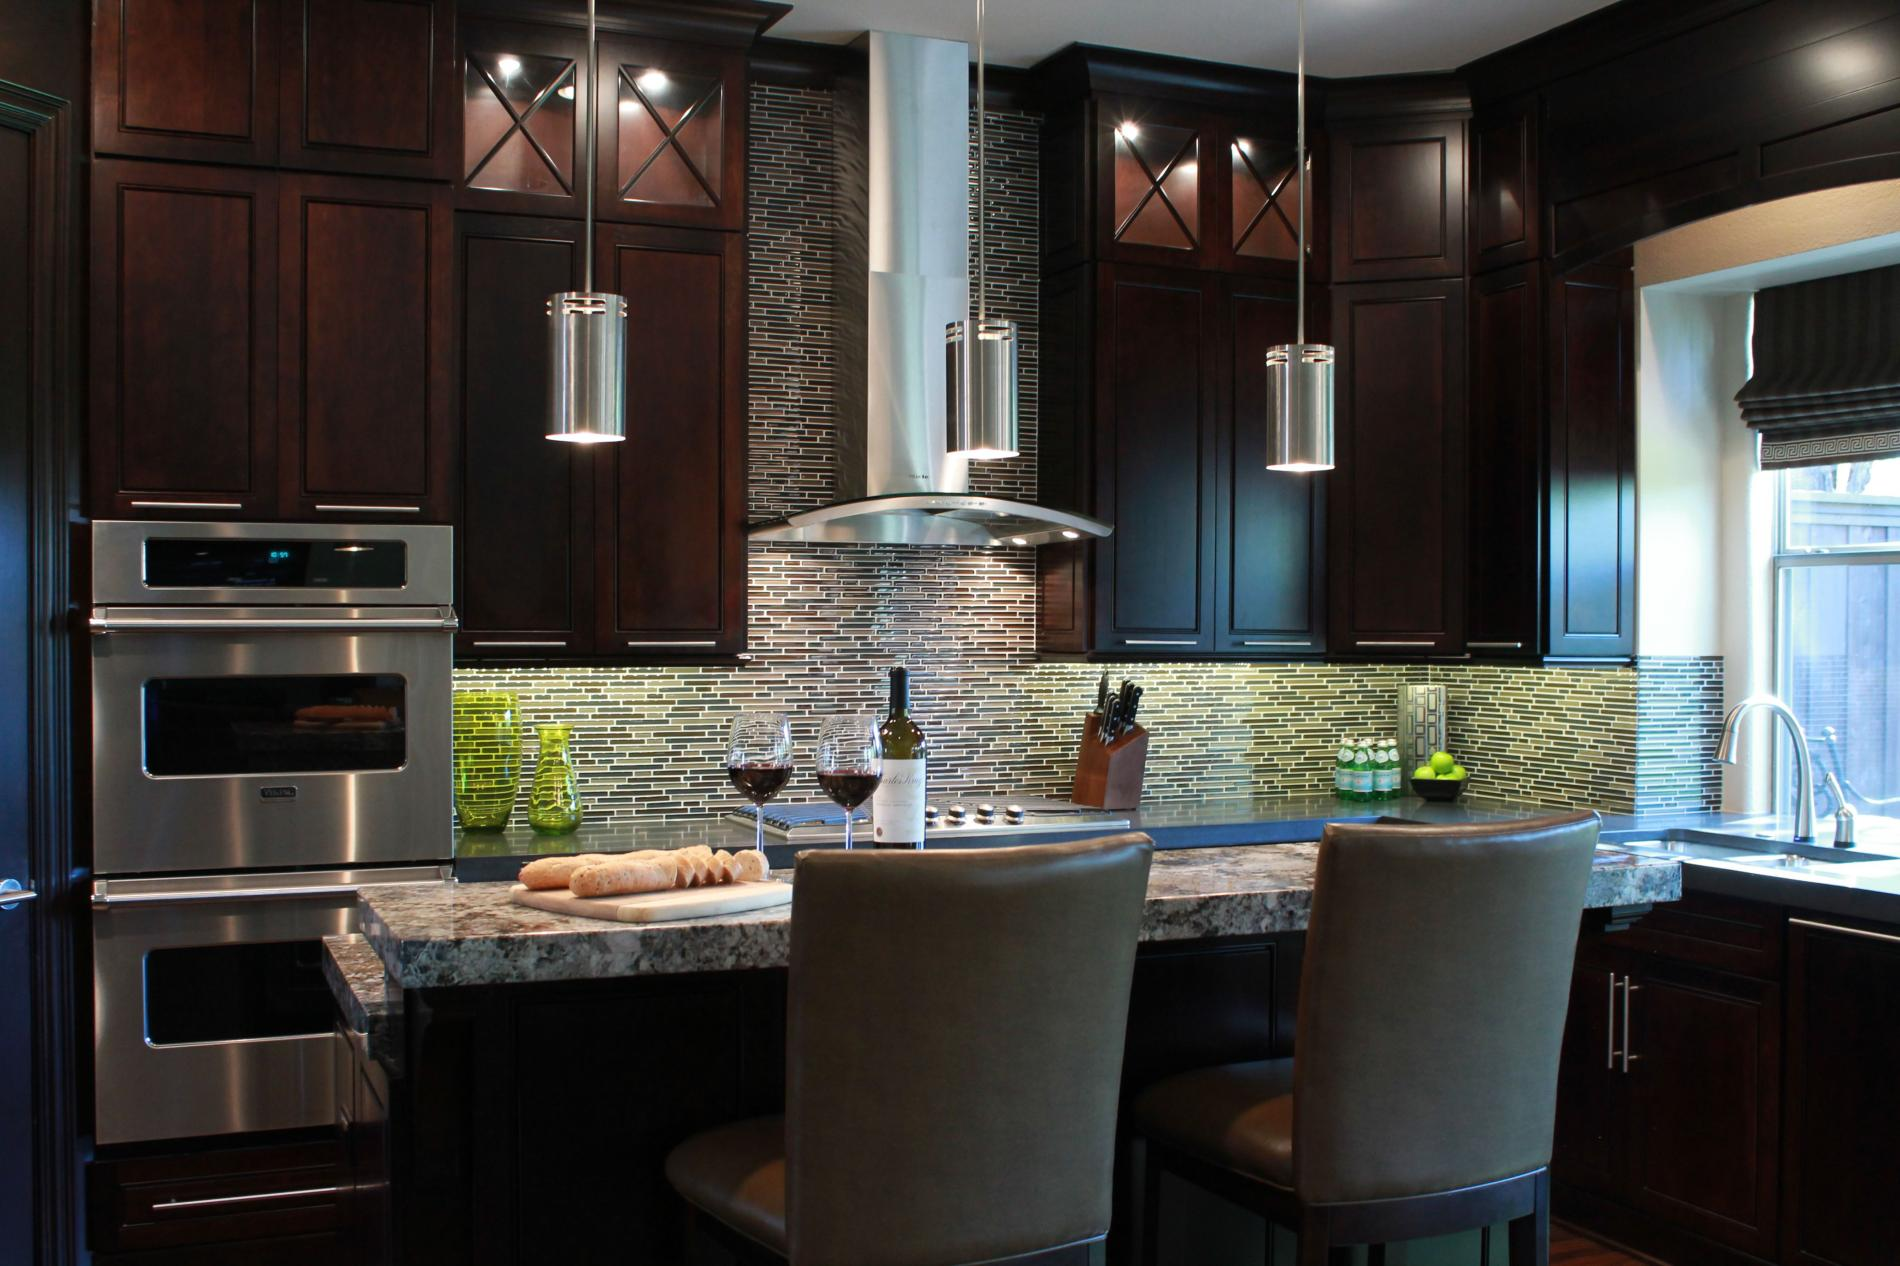 На кухне, оформленной в темных тонах, потребуется более яркое освещение